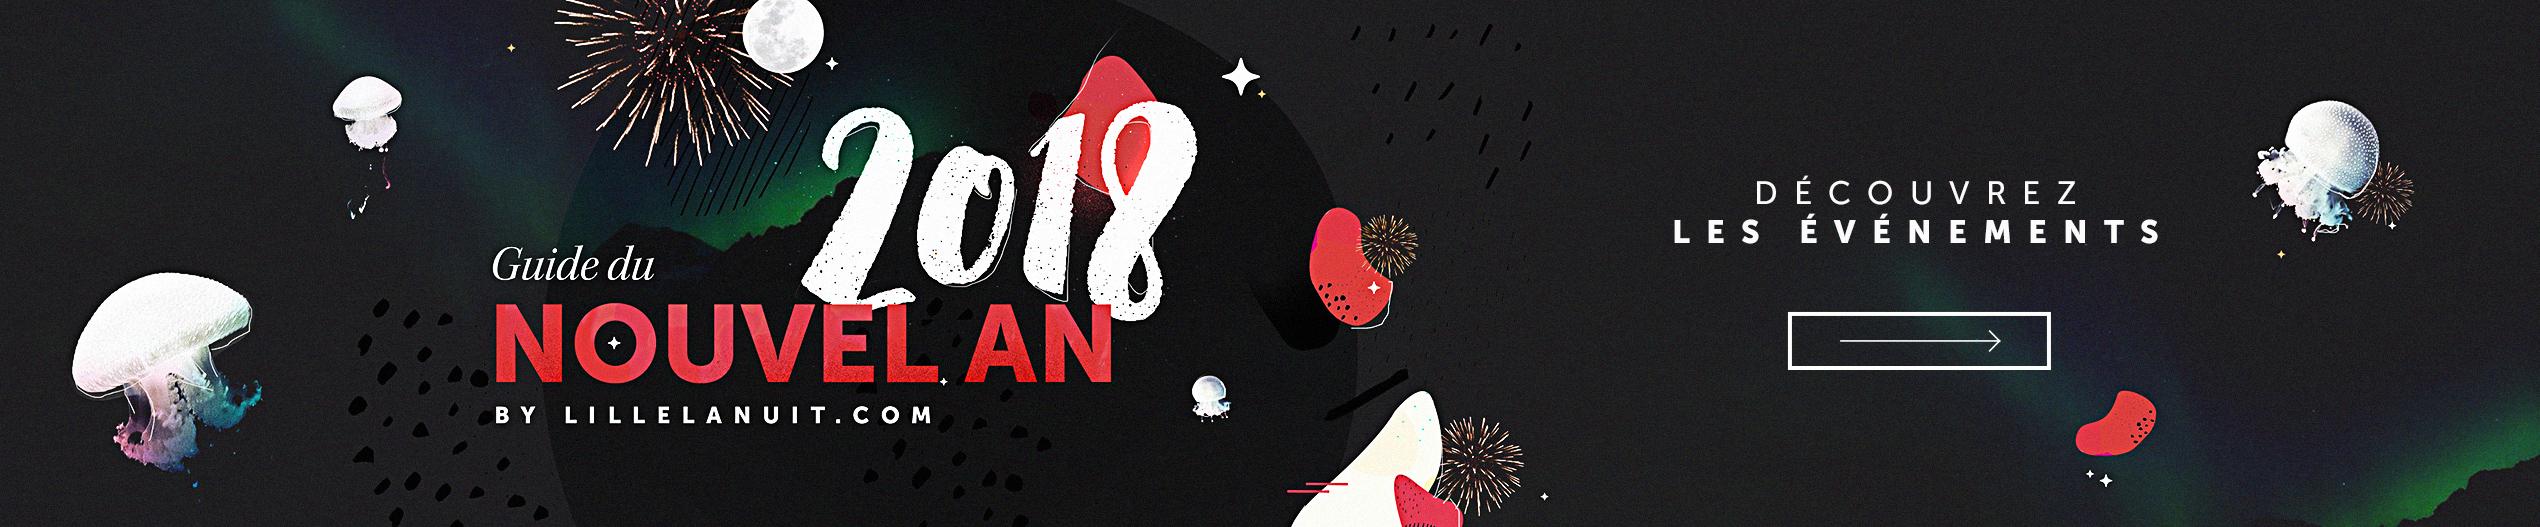 Guide du Nouvel An 2018